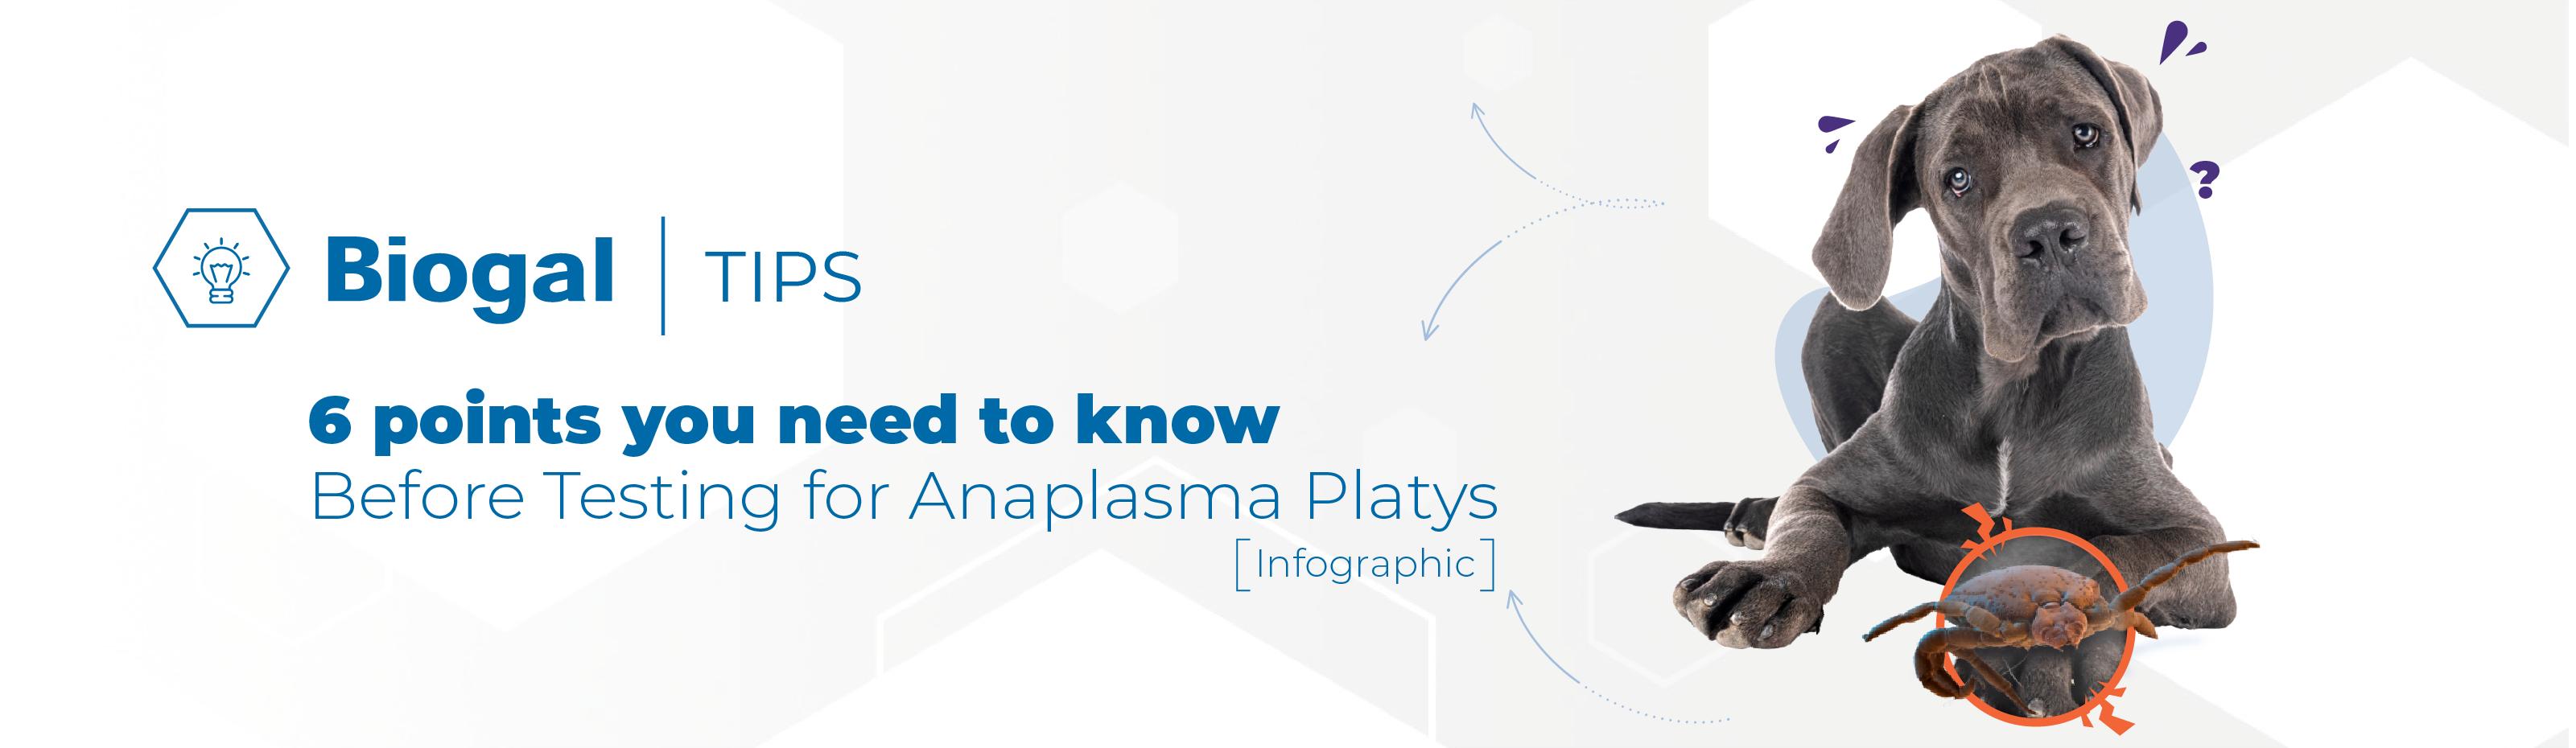 Biogal tips anaplasma platys